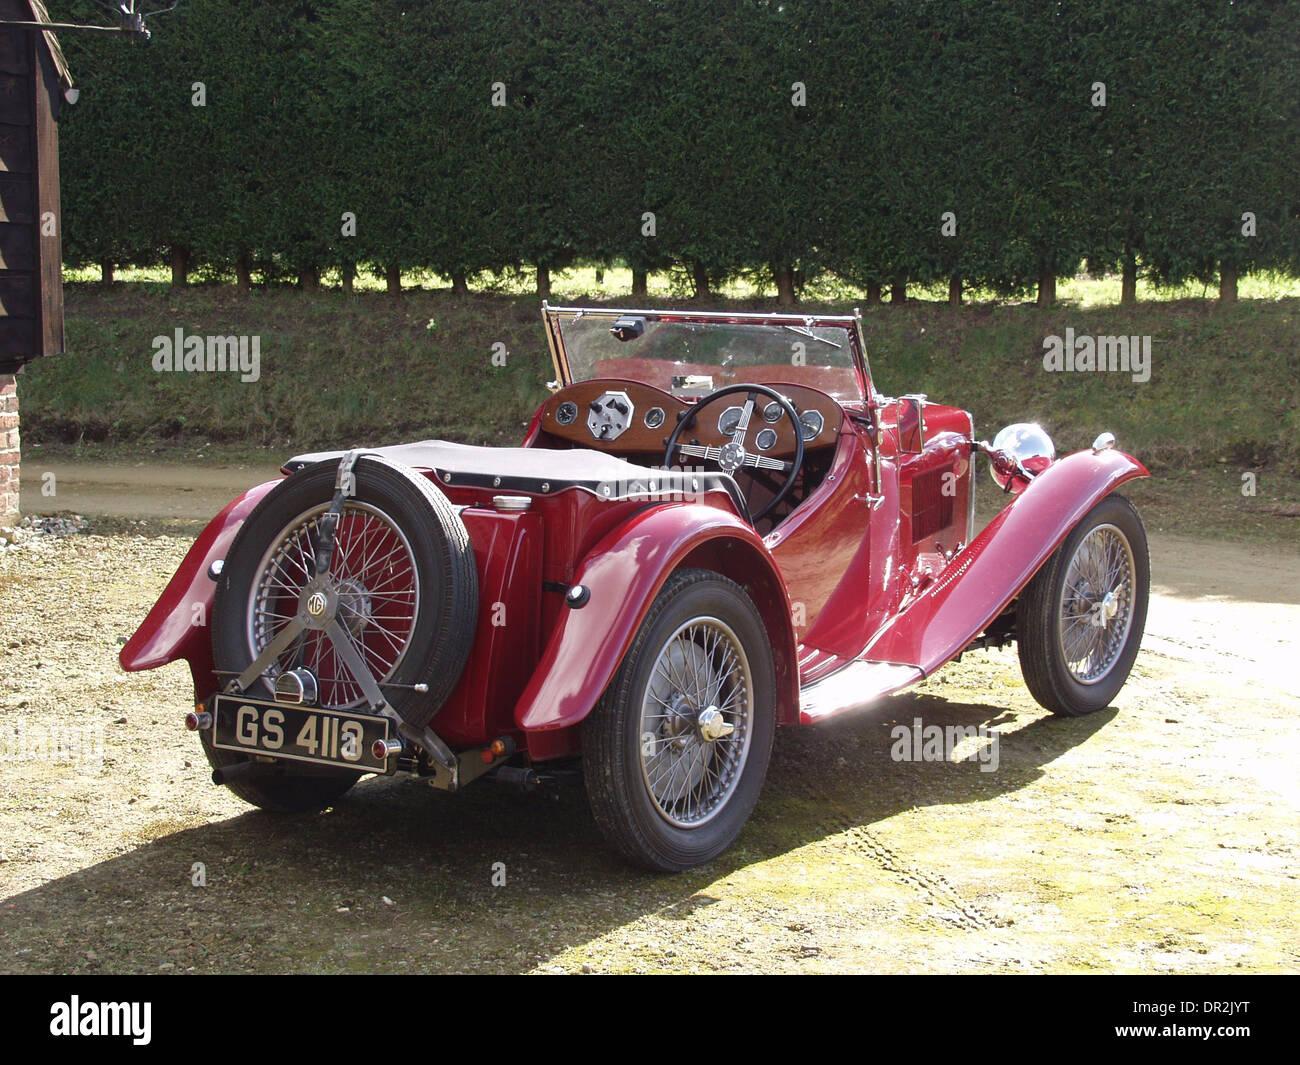 MG K2 MAGNETTE - PRE WAR CAR 1930s - Vintage - Stock Image